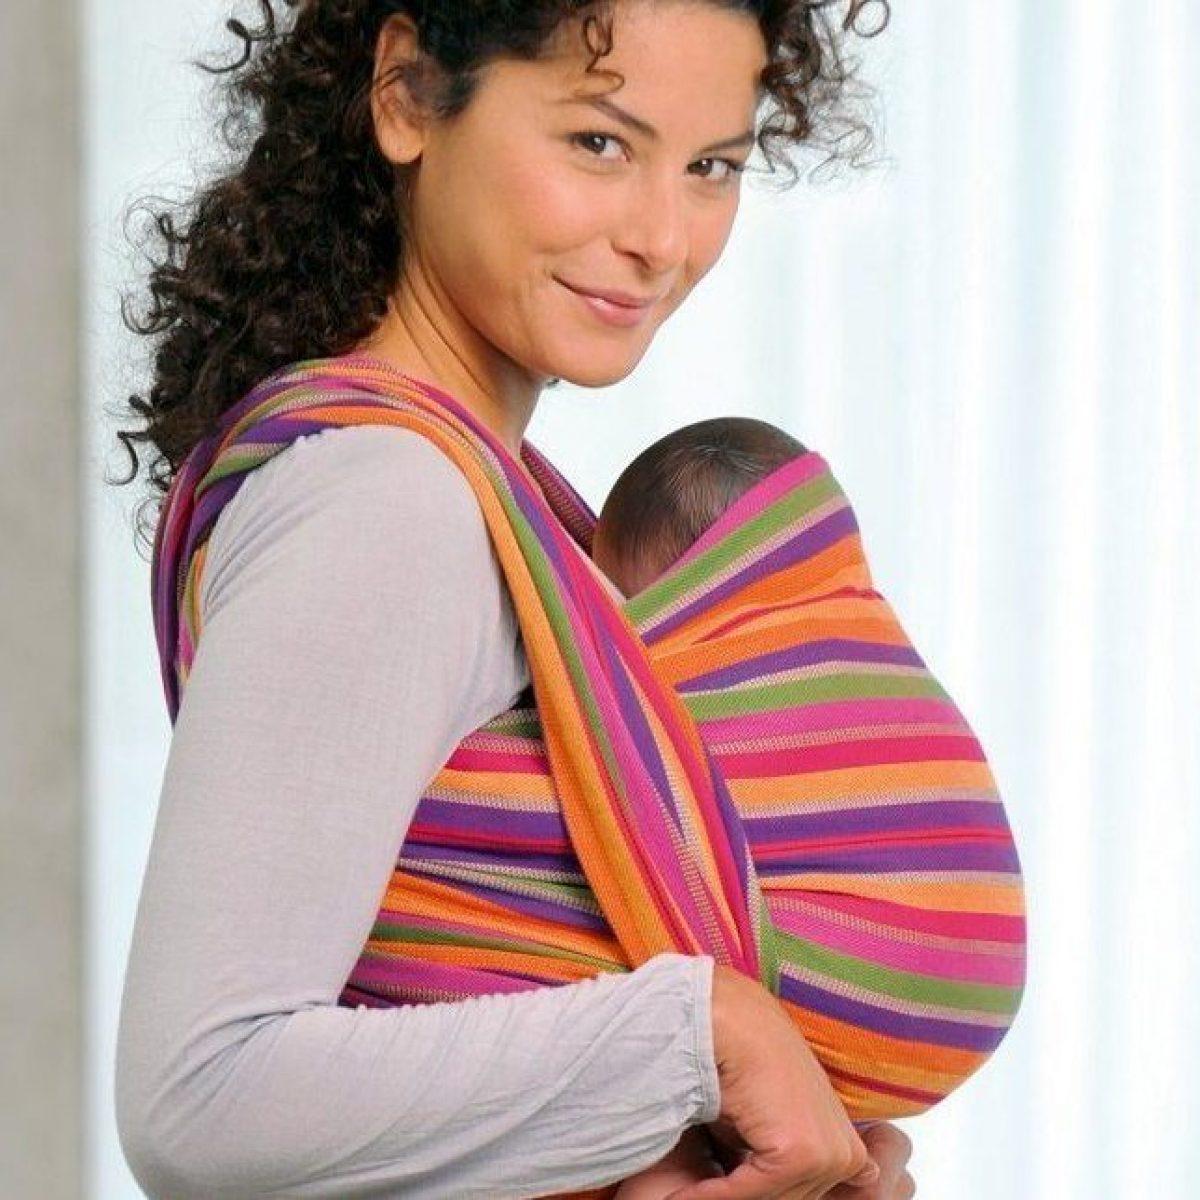 9baaba2cc3 Migliori fasce porta bebè: quali sono e come indossarle